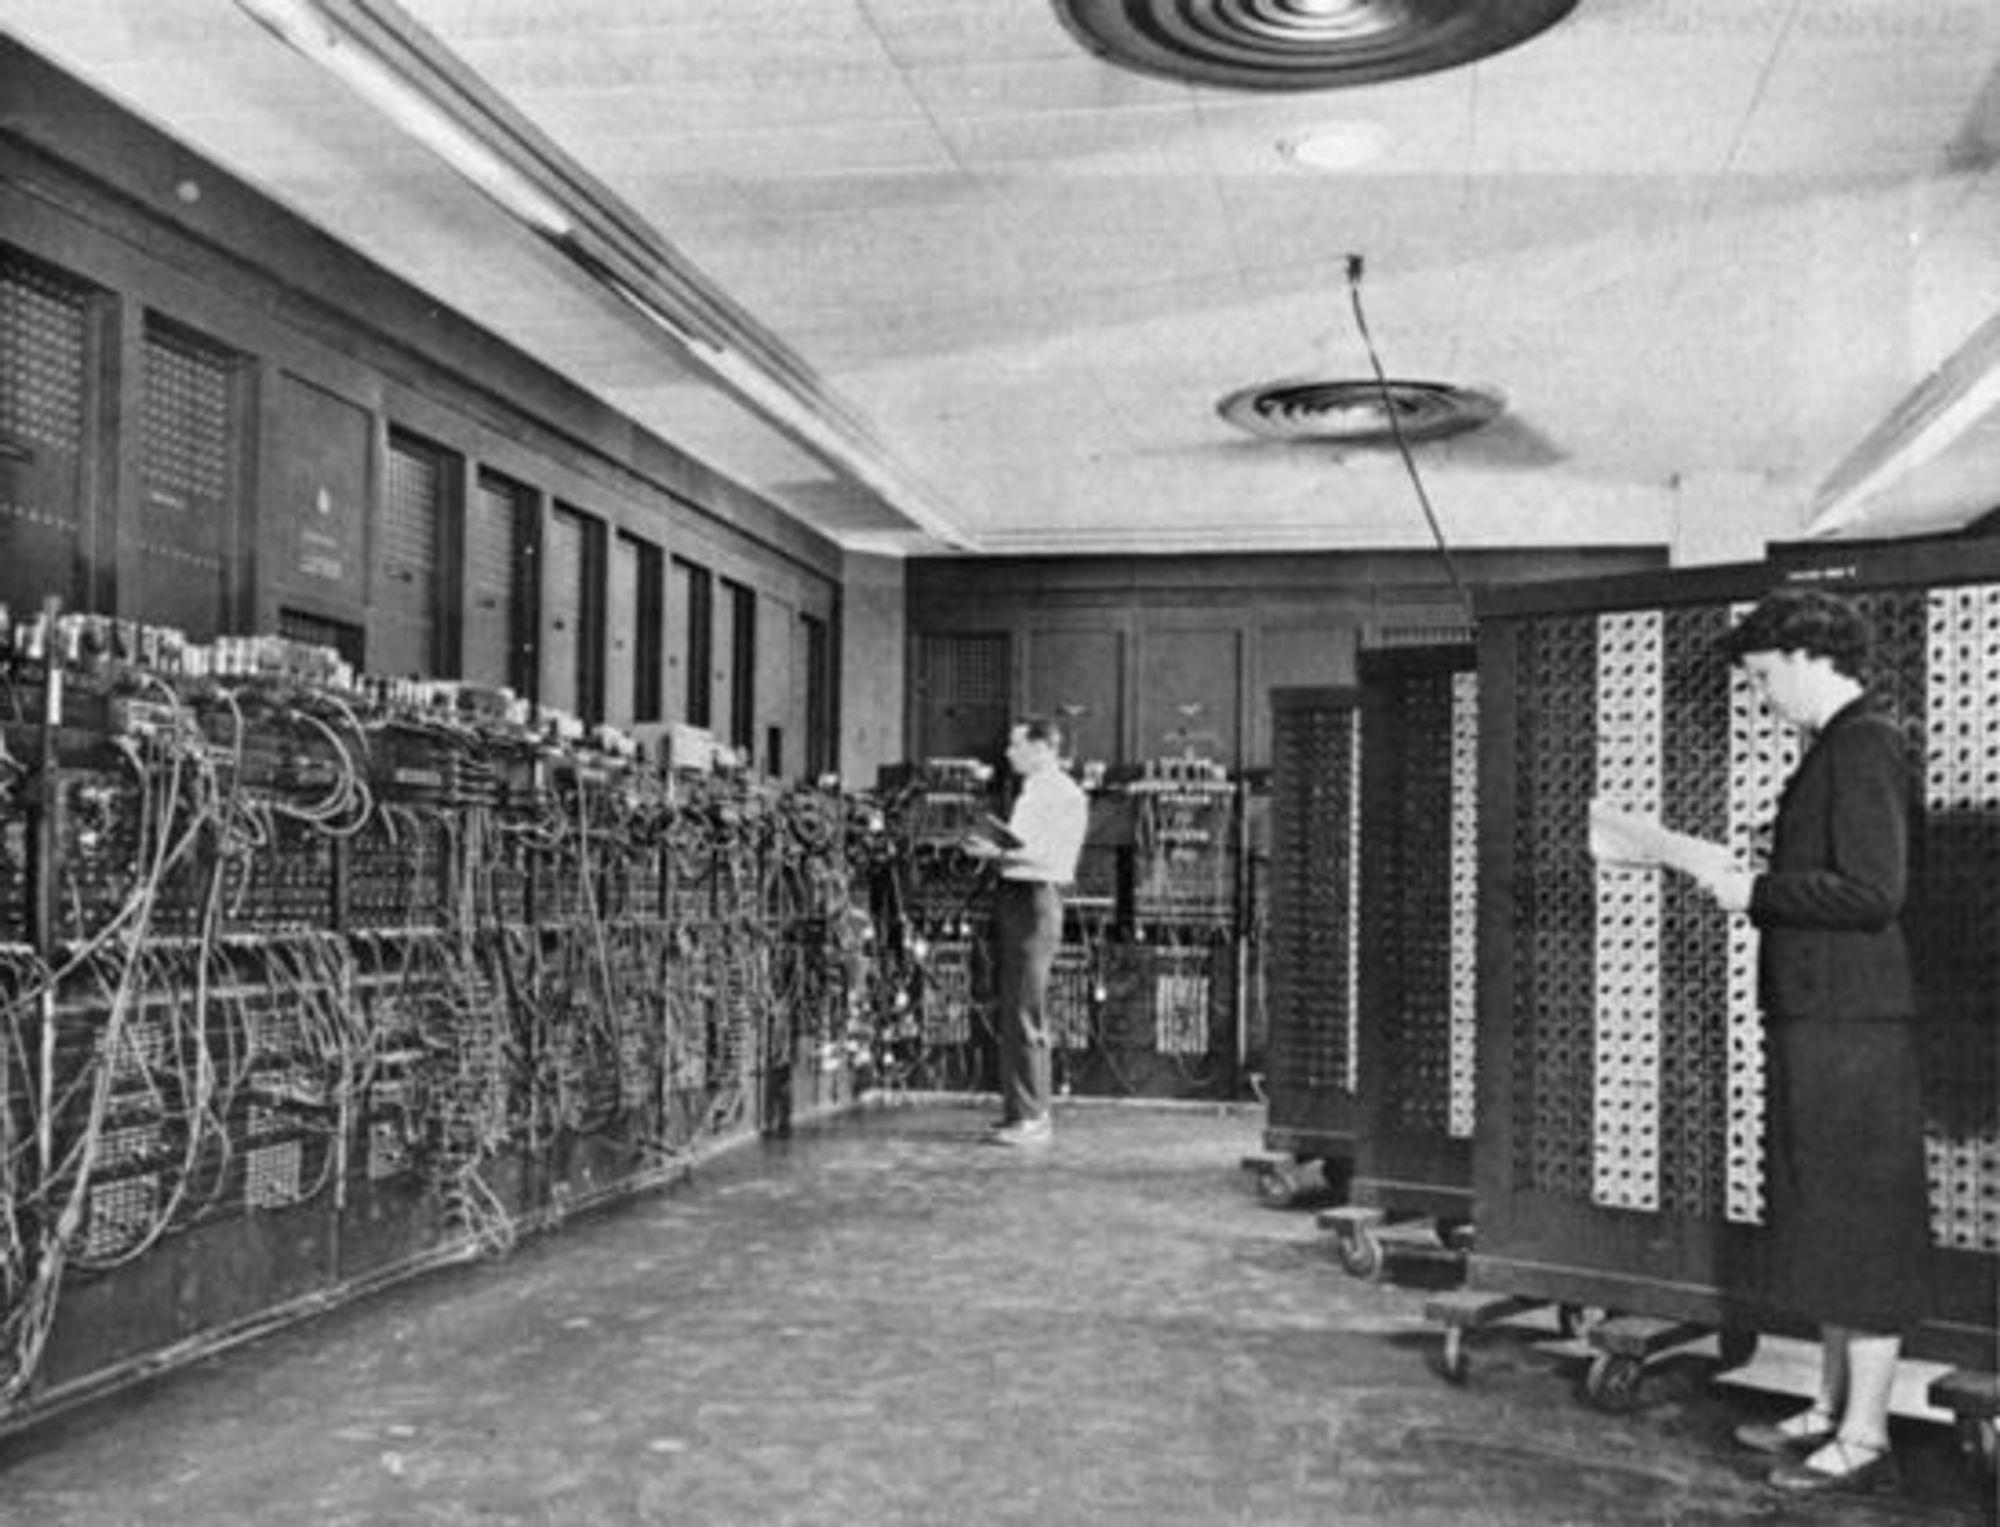 ENIAC mens maskinen var installert ved Ballistic Research Laboratory ved Aberdeen Proving Ground, Maryland i USA. Maskinen ble brukt til blant annet å designe den første hydrogenbomben.